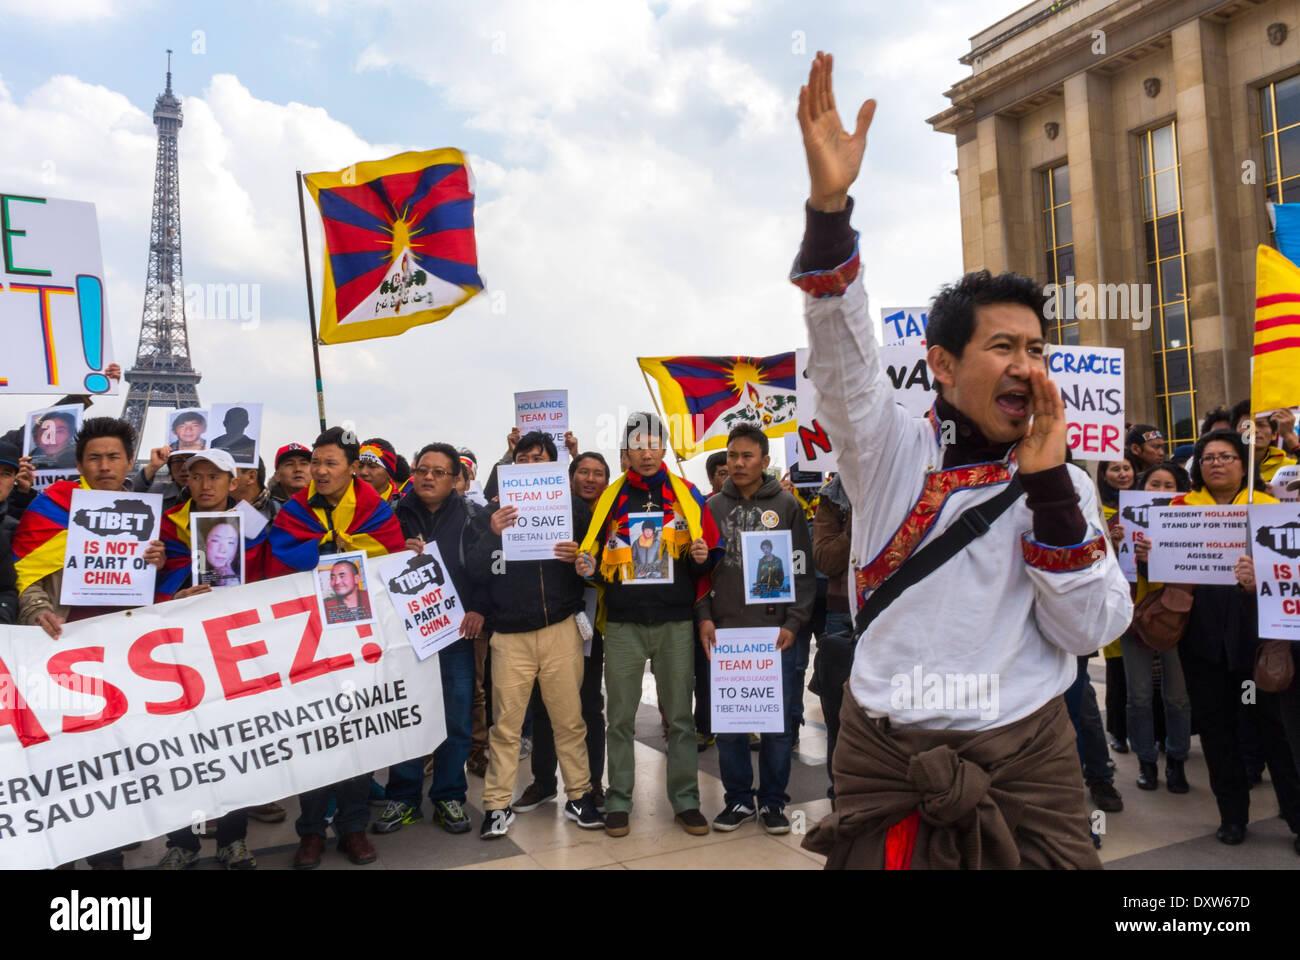 Les communautés ethniques tibétaines, taïwanaises de France et leurs amis ont appelé les citoyens français à se mobiliser lors de la visite du président chinois à Paris, des militants, des immigrants internationaux en Europe Banque D'Images